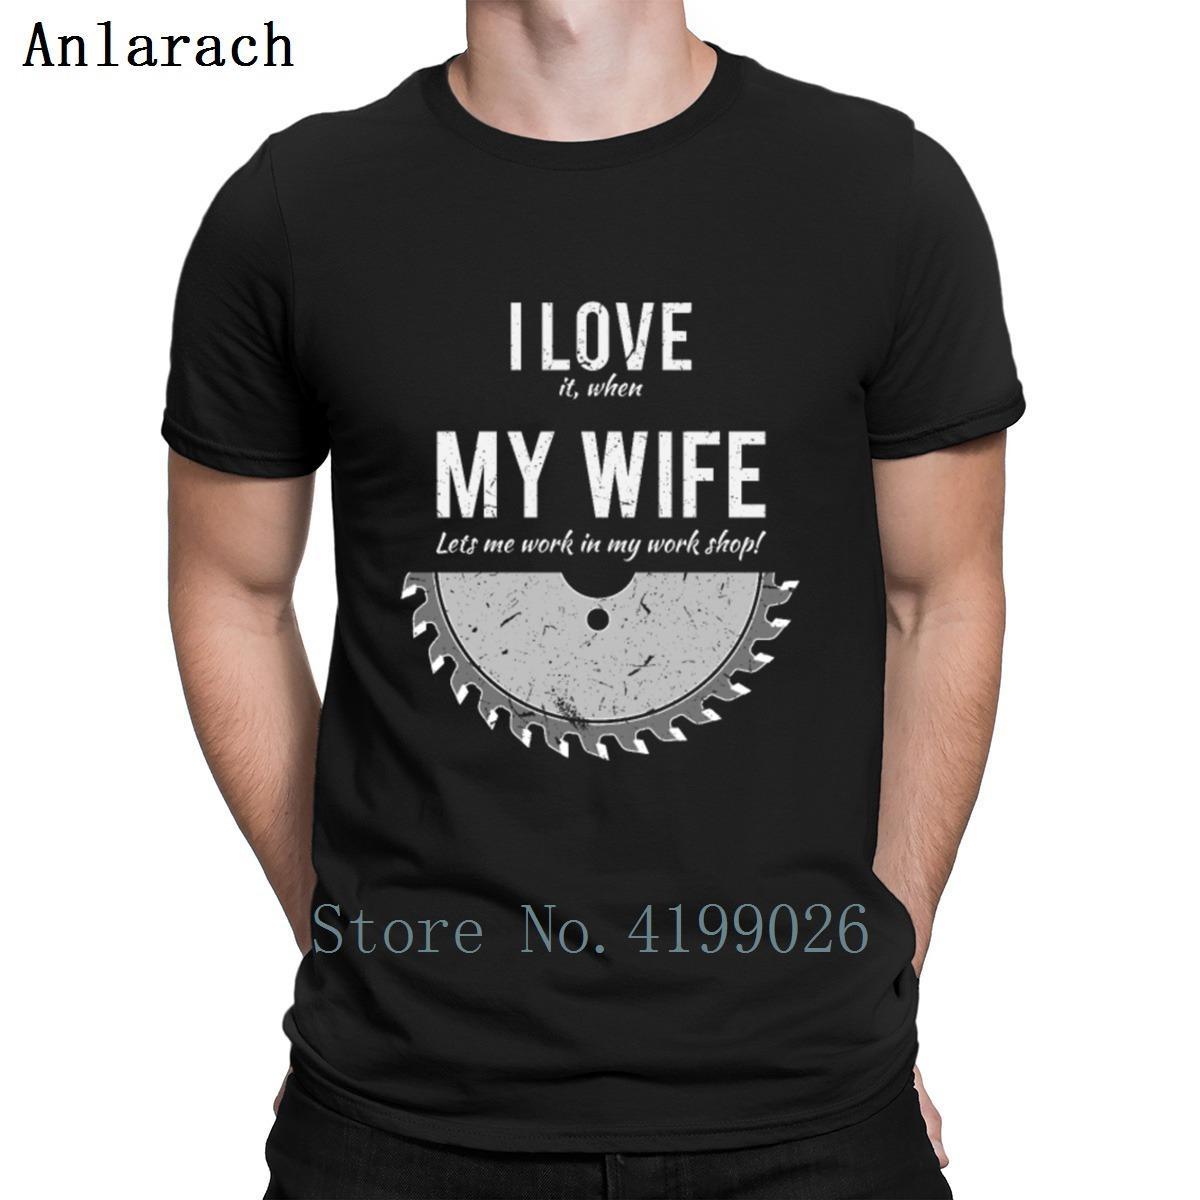 Work Shop Camiseta autêntica custom Sunlight solto camisa dos homens camisetas Hiphop Tops Personalizar cómicos novidade novidade